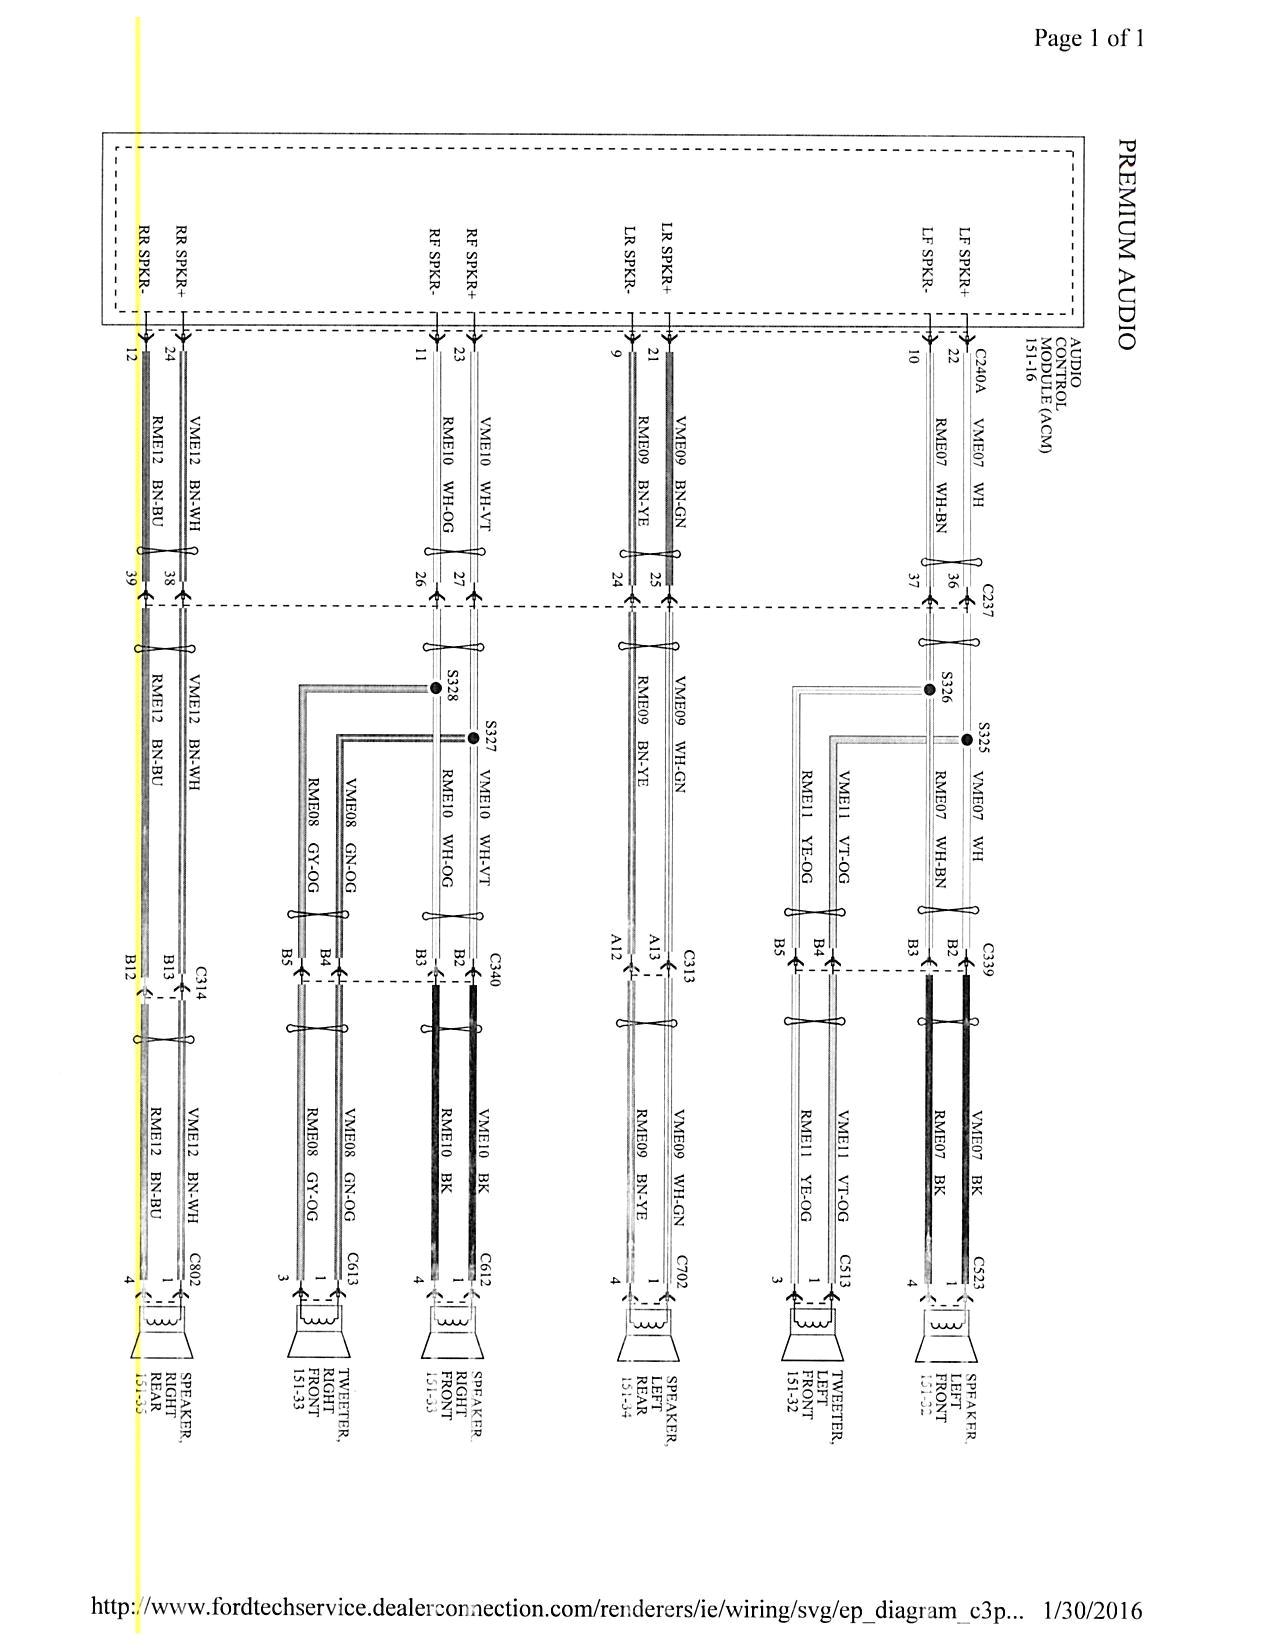 wiringdiagrampremium jpg 169114